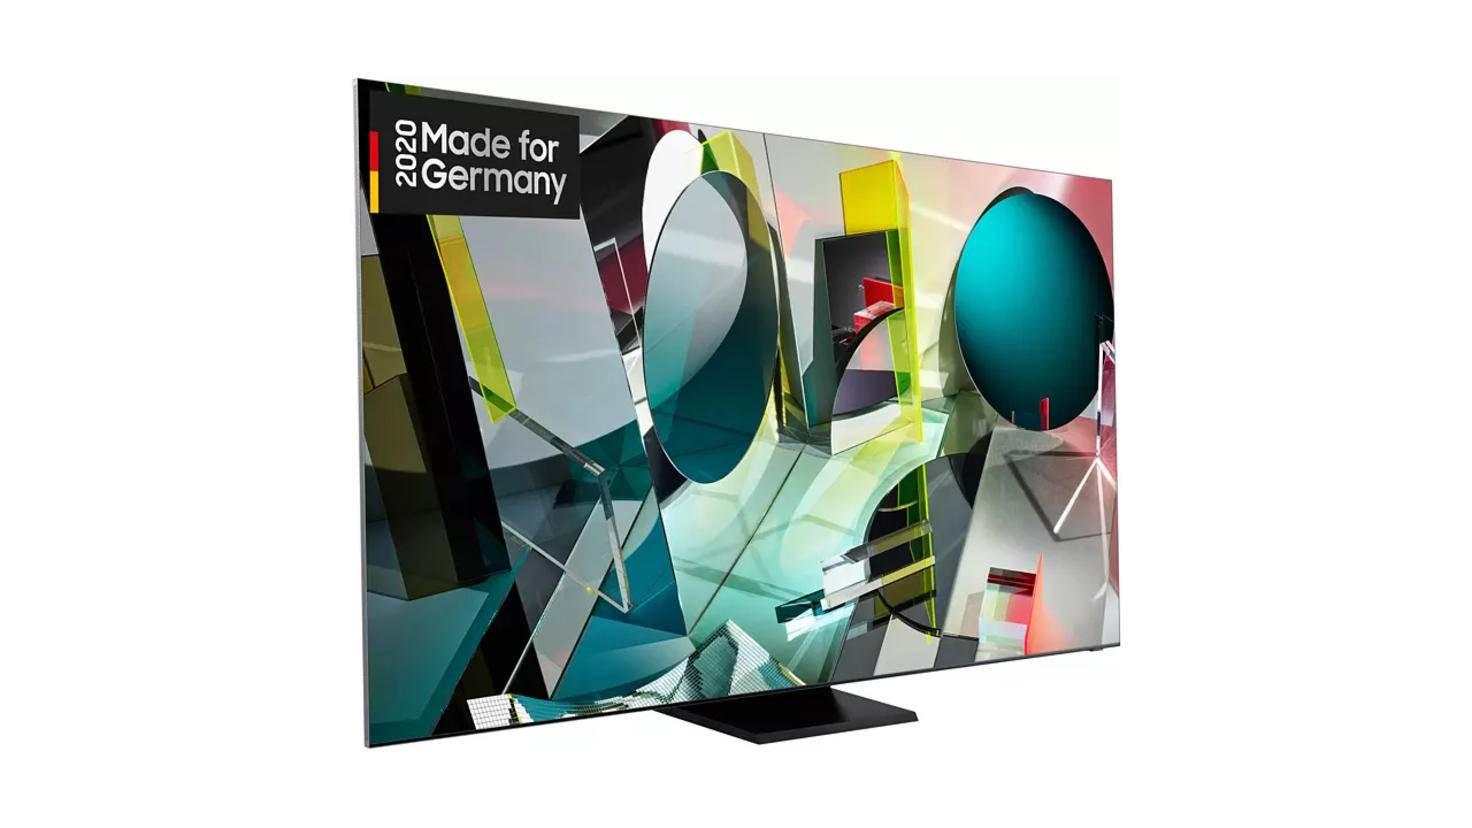 Samsung GQ75Q950T 8K Fernseher 75 Zoll